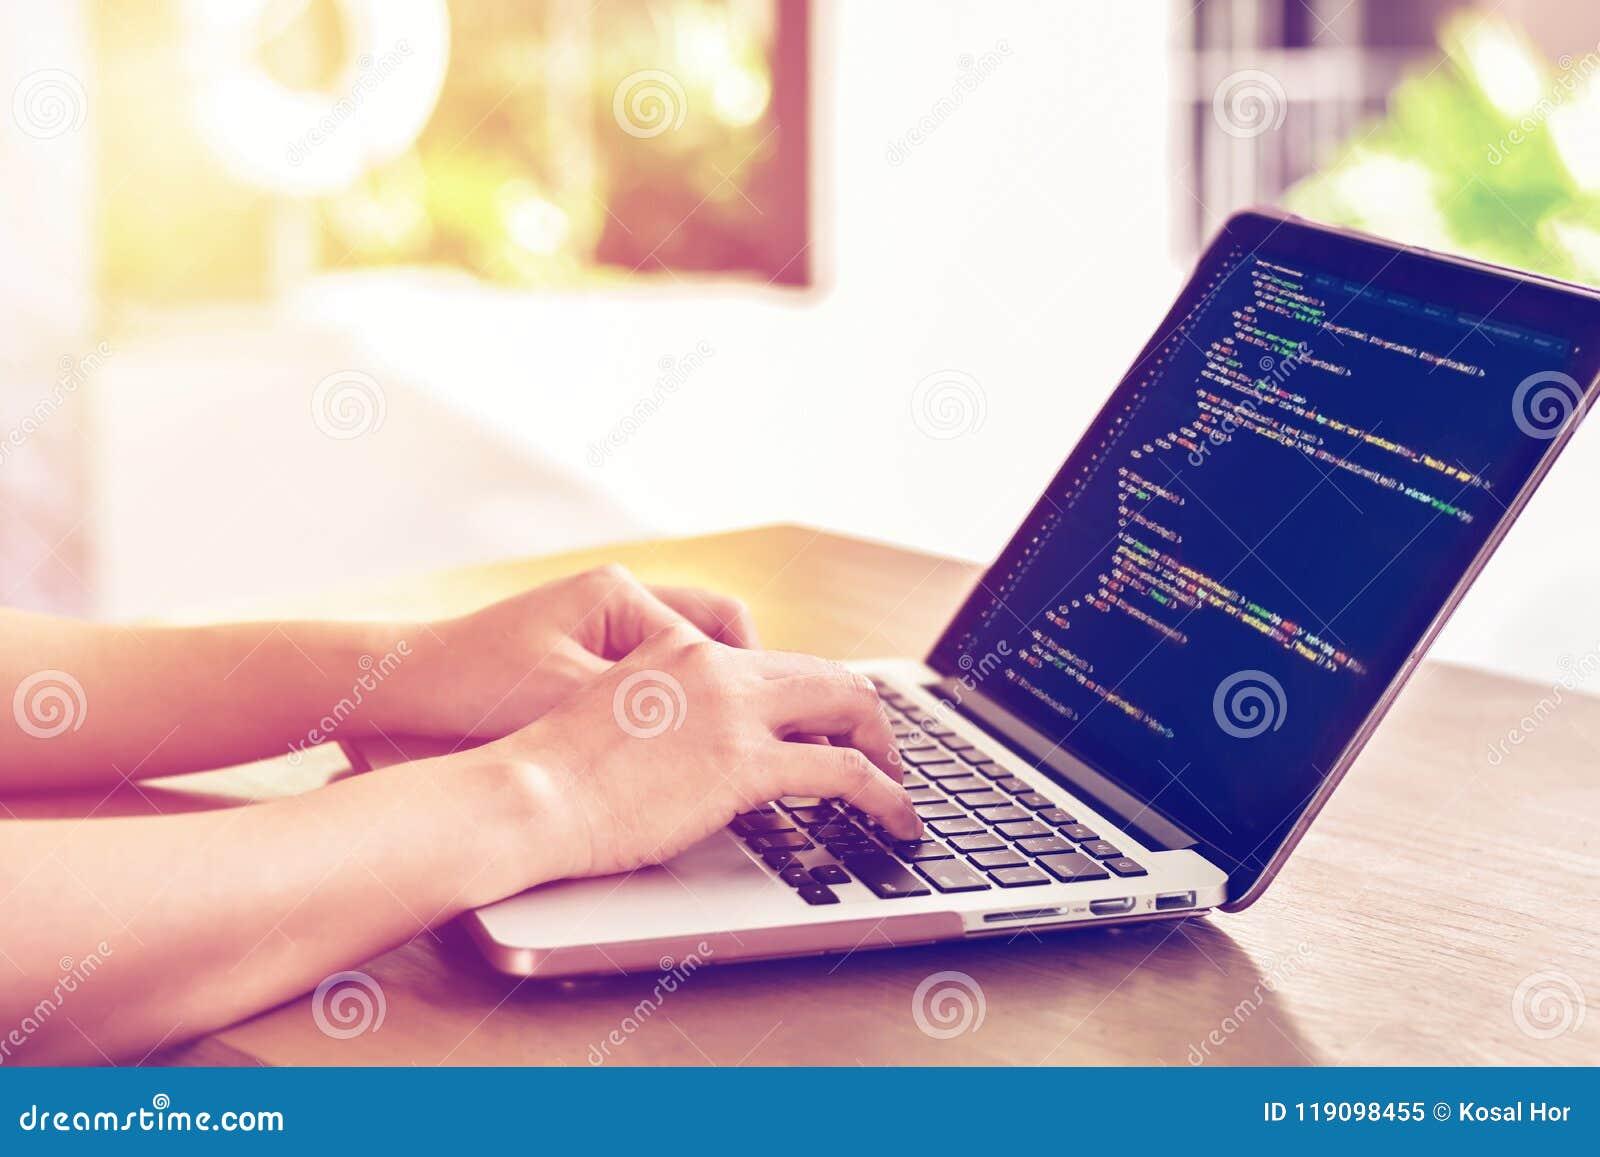 Närbilden av programmerare` s räcker arbete på källkoder över en bärbar dator utomhus